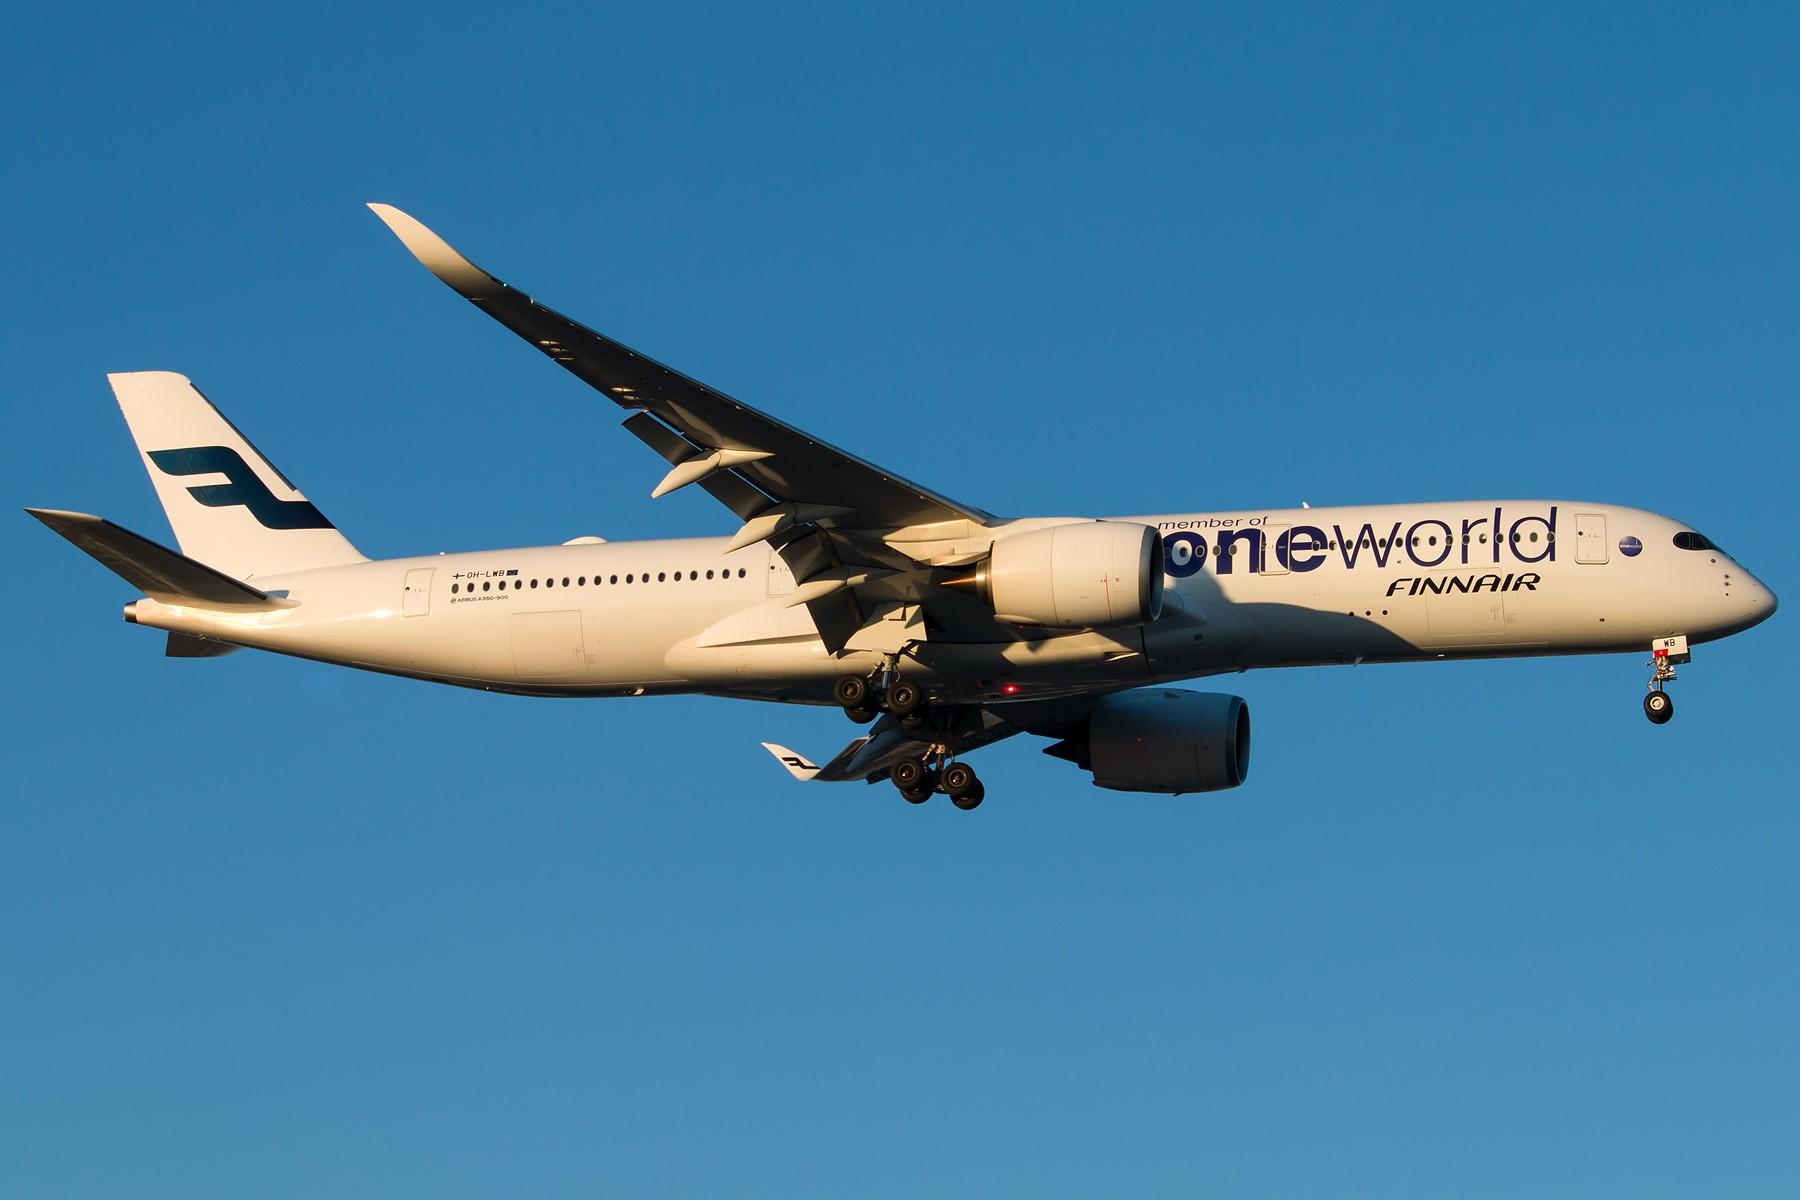 [原创][一图党] 芬兰航空A350XWB,OH-LWB oneworld涂装机 1800*1200 AIRBUS A350-941 OH-LWB 中国北京首都国际机场